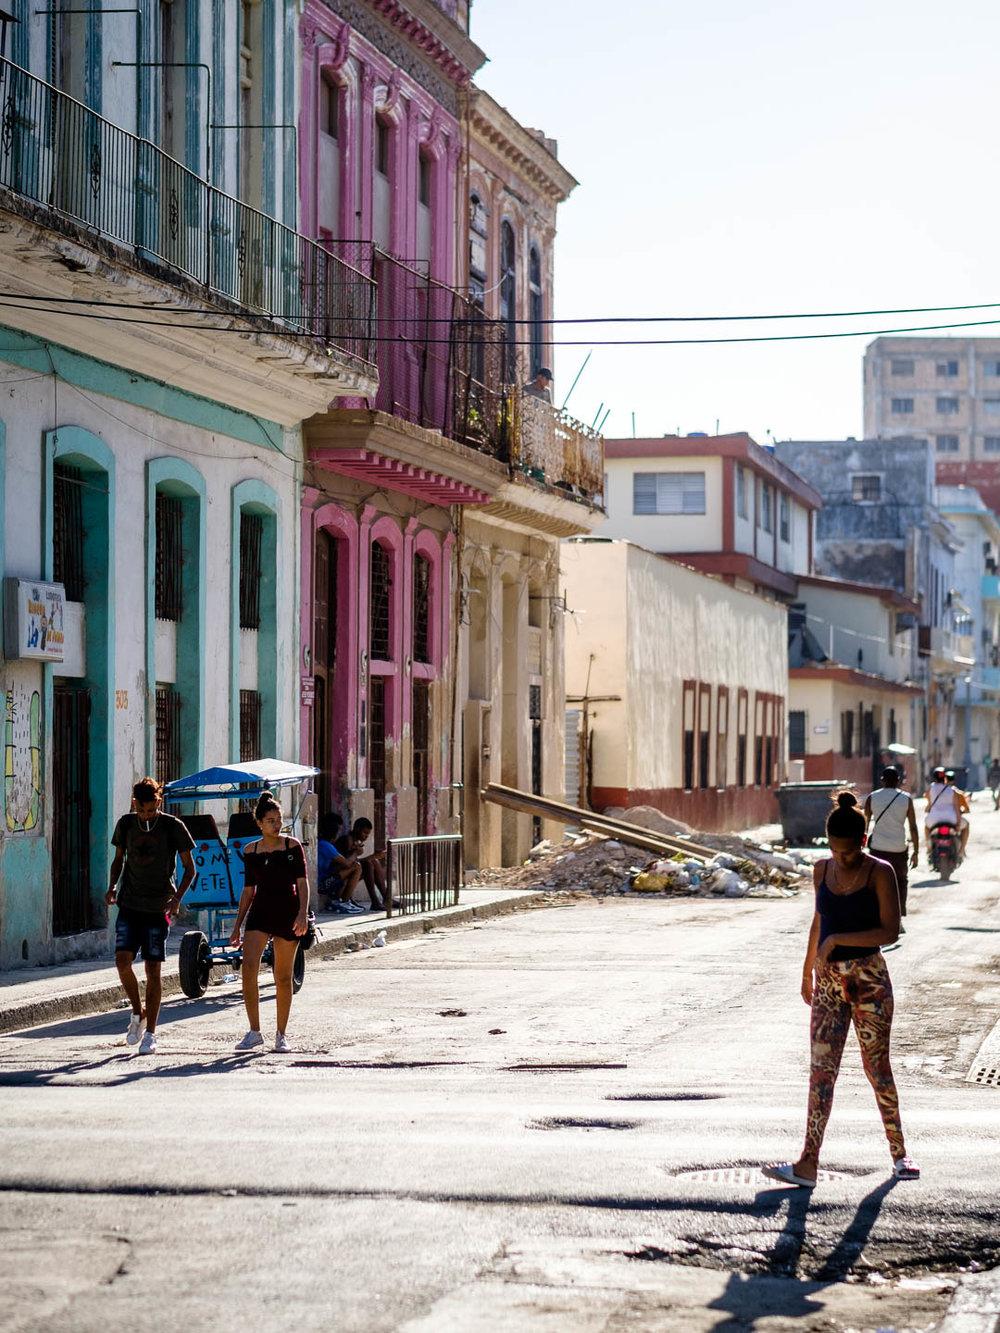 180501-Havana-362-1080.jpg